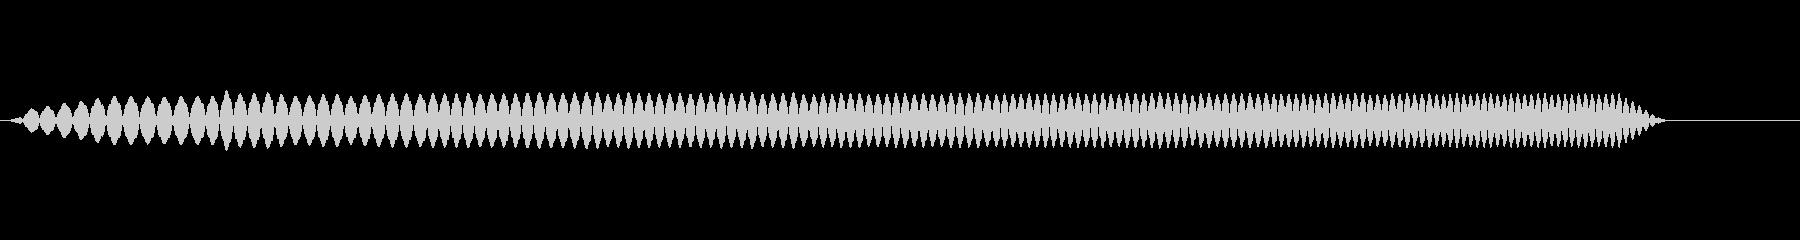 電子、トーンパルス発振音の未再生の波形